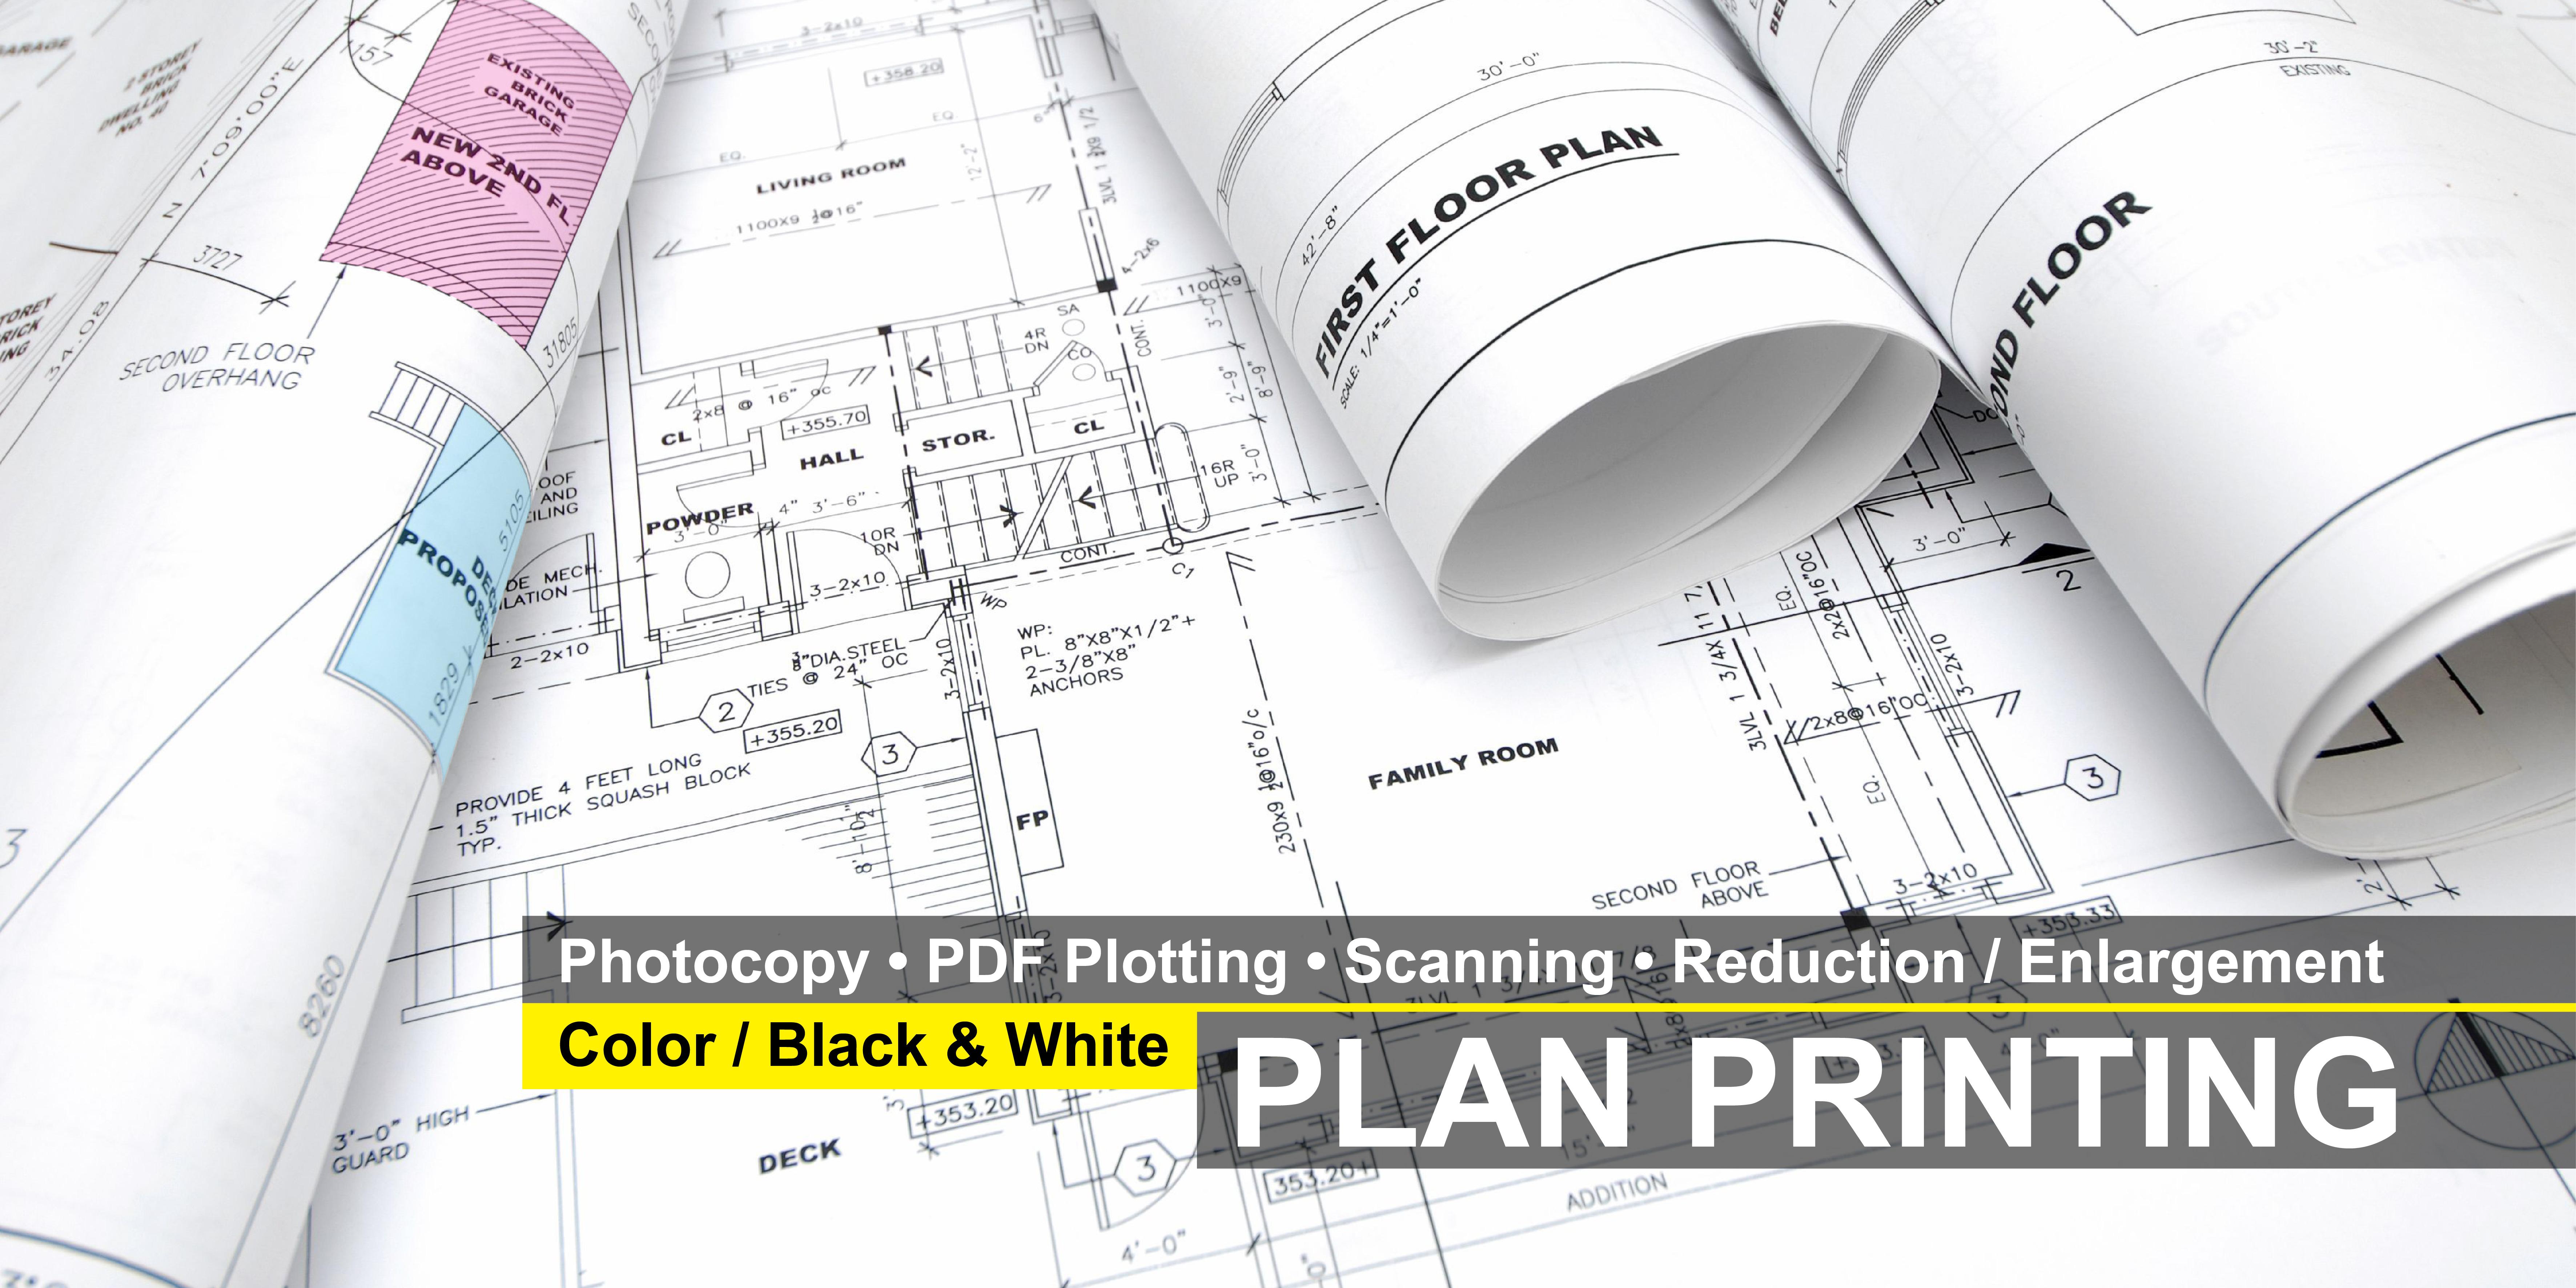 04-Plan-Printing-01